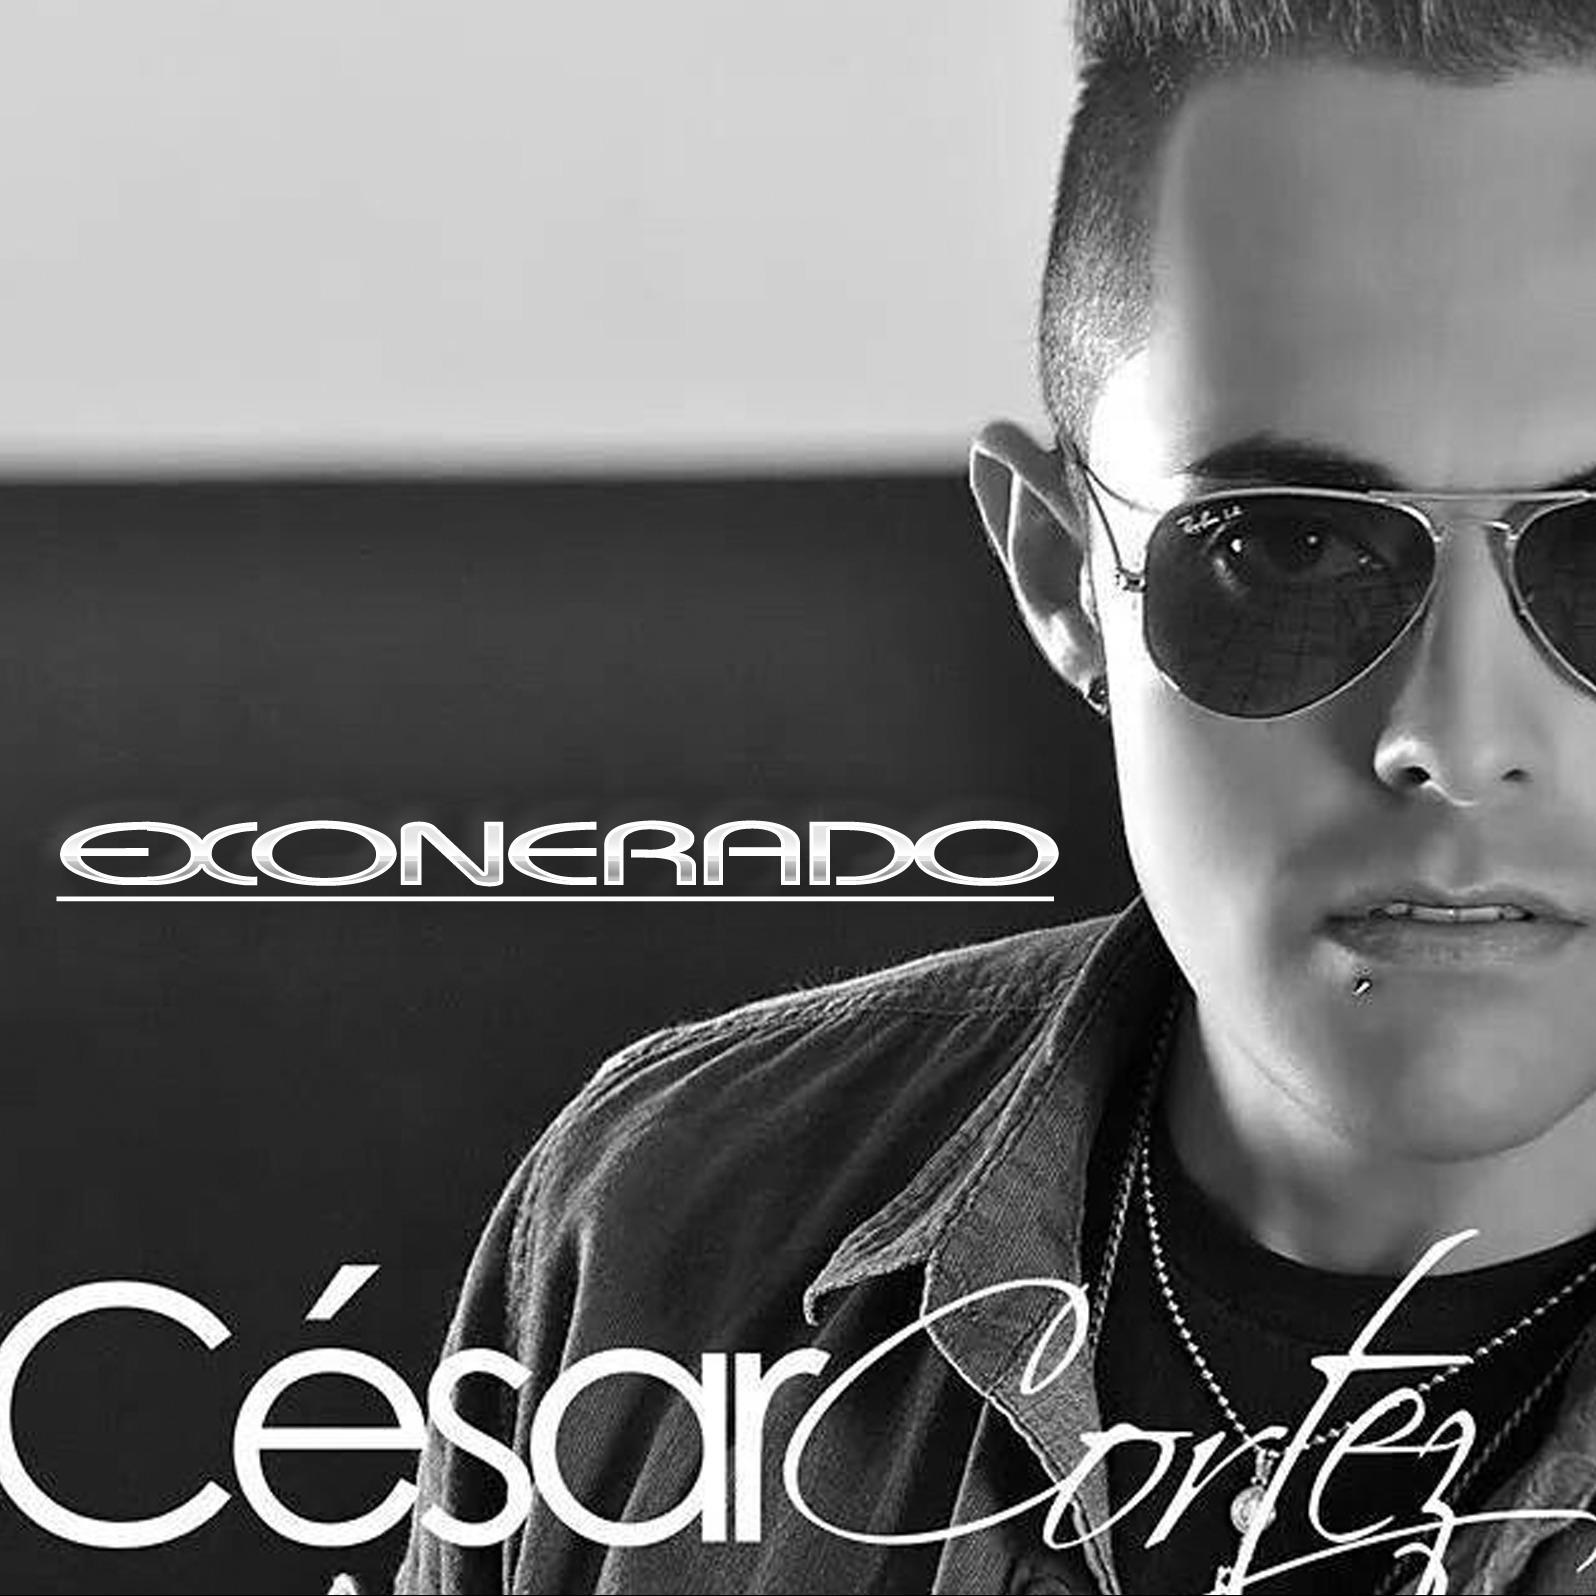 César Alberto profile photo